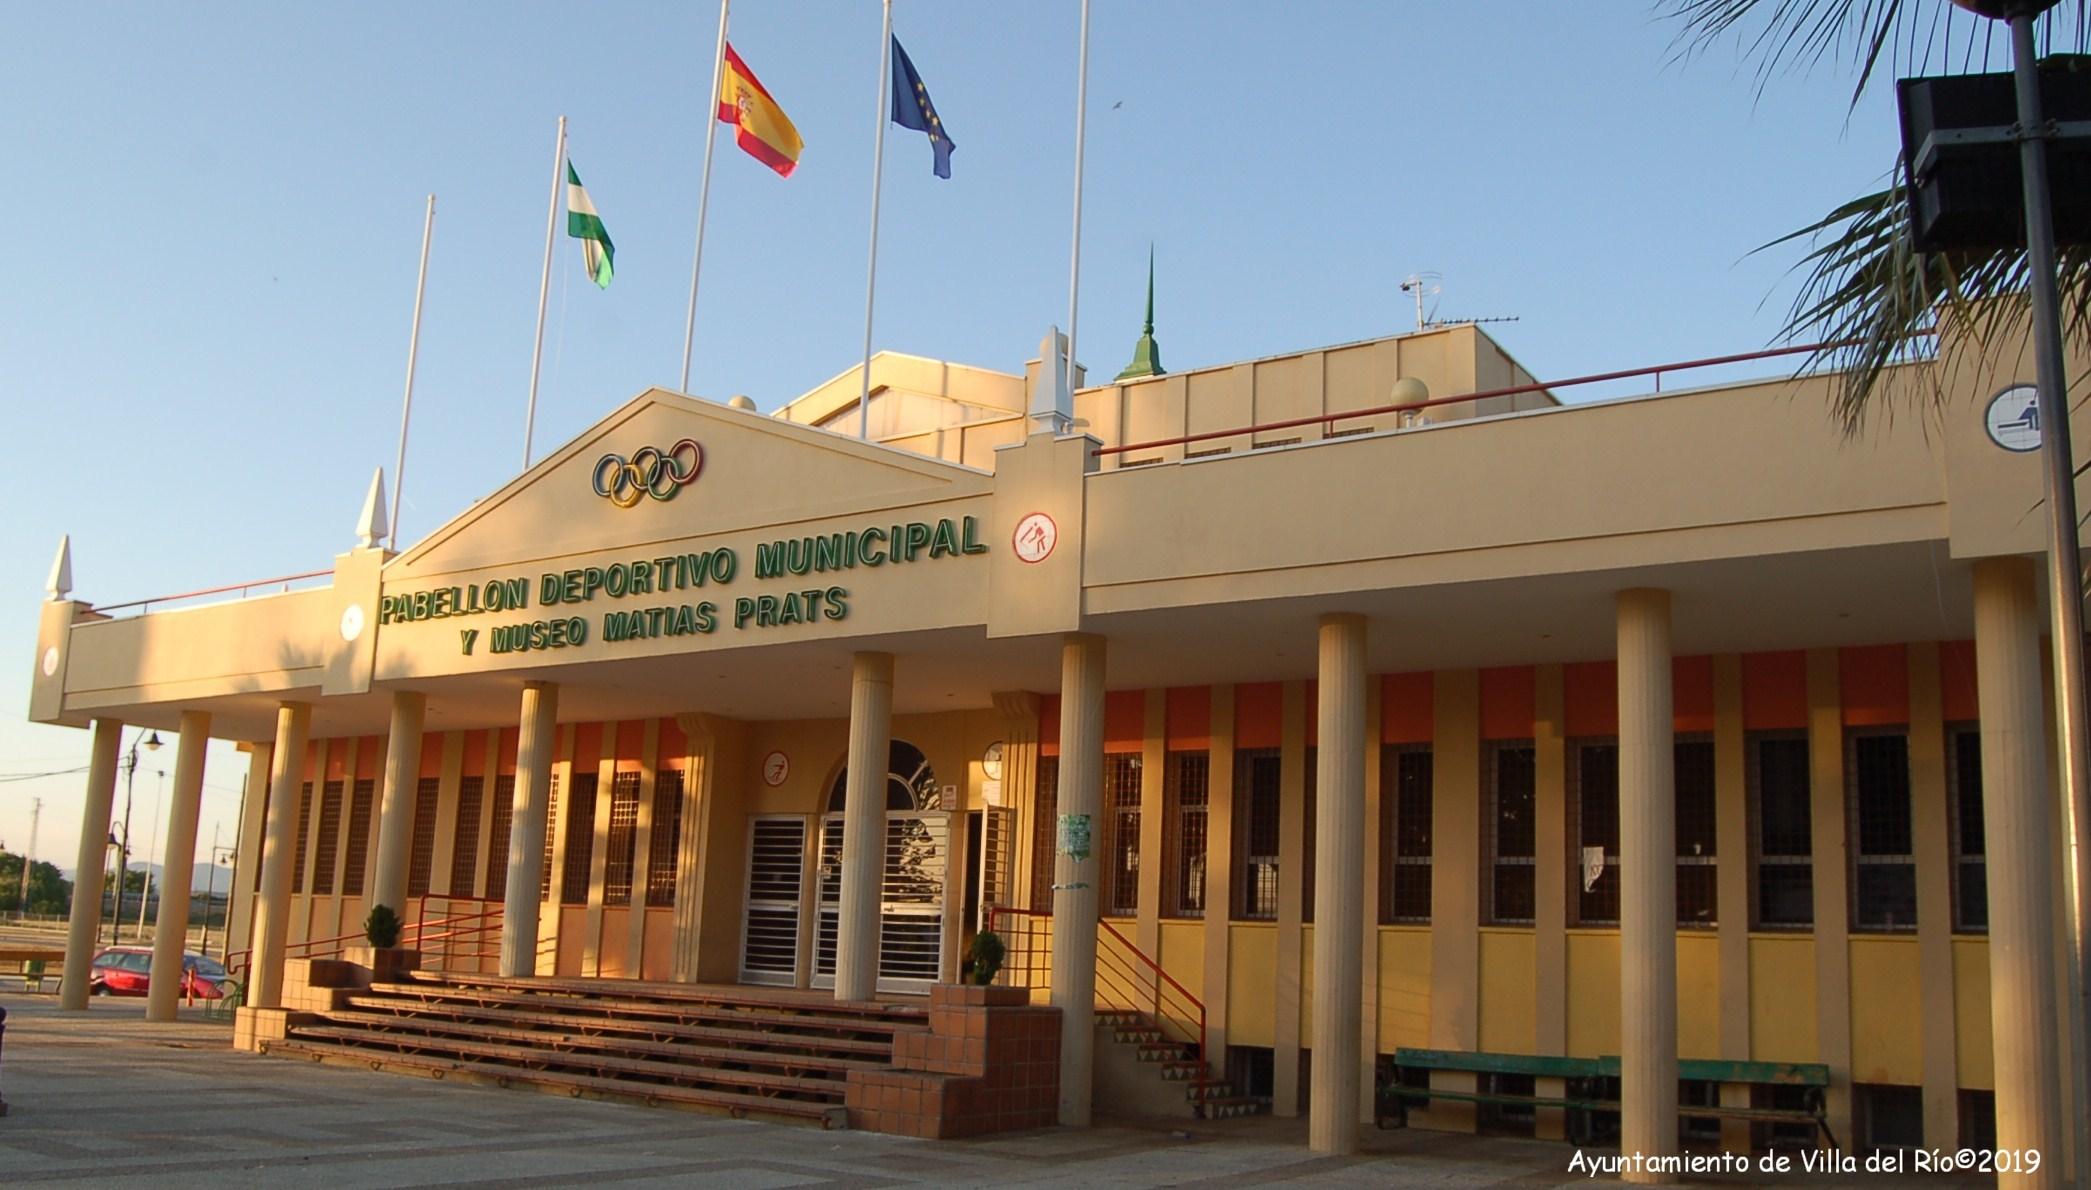 Pabellón Polideportivo Matías Prats. Inaugurado en1995. Dotado de pistas oficiales de voleibol, tenis, fútbol sala, balonmano, baloncesto y capacitado para la práctica de escuelas deportivas y distintos deportes alternativos